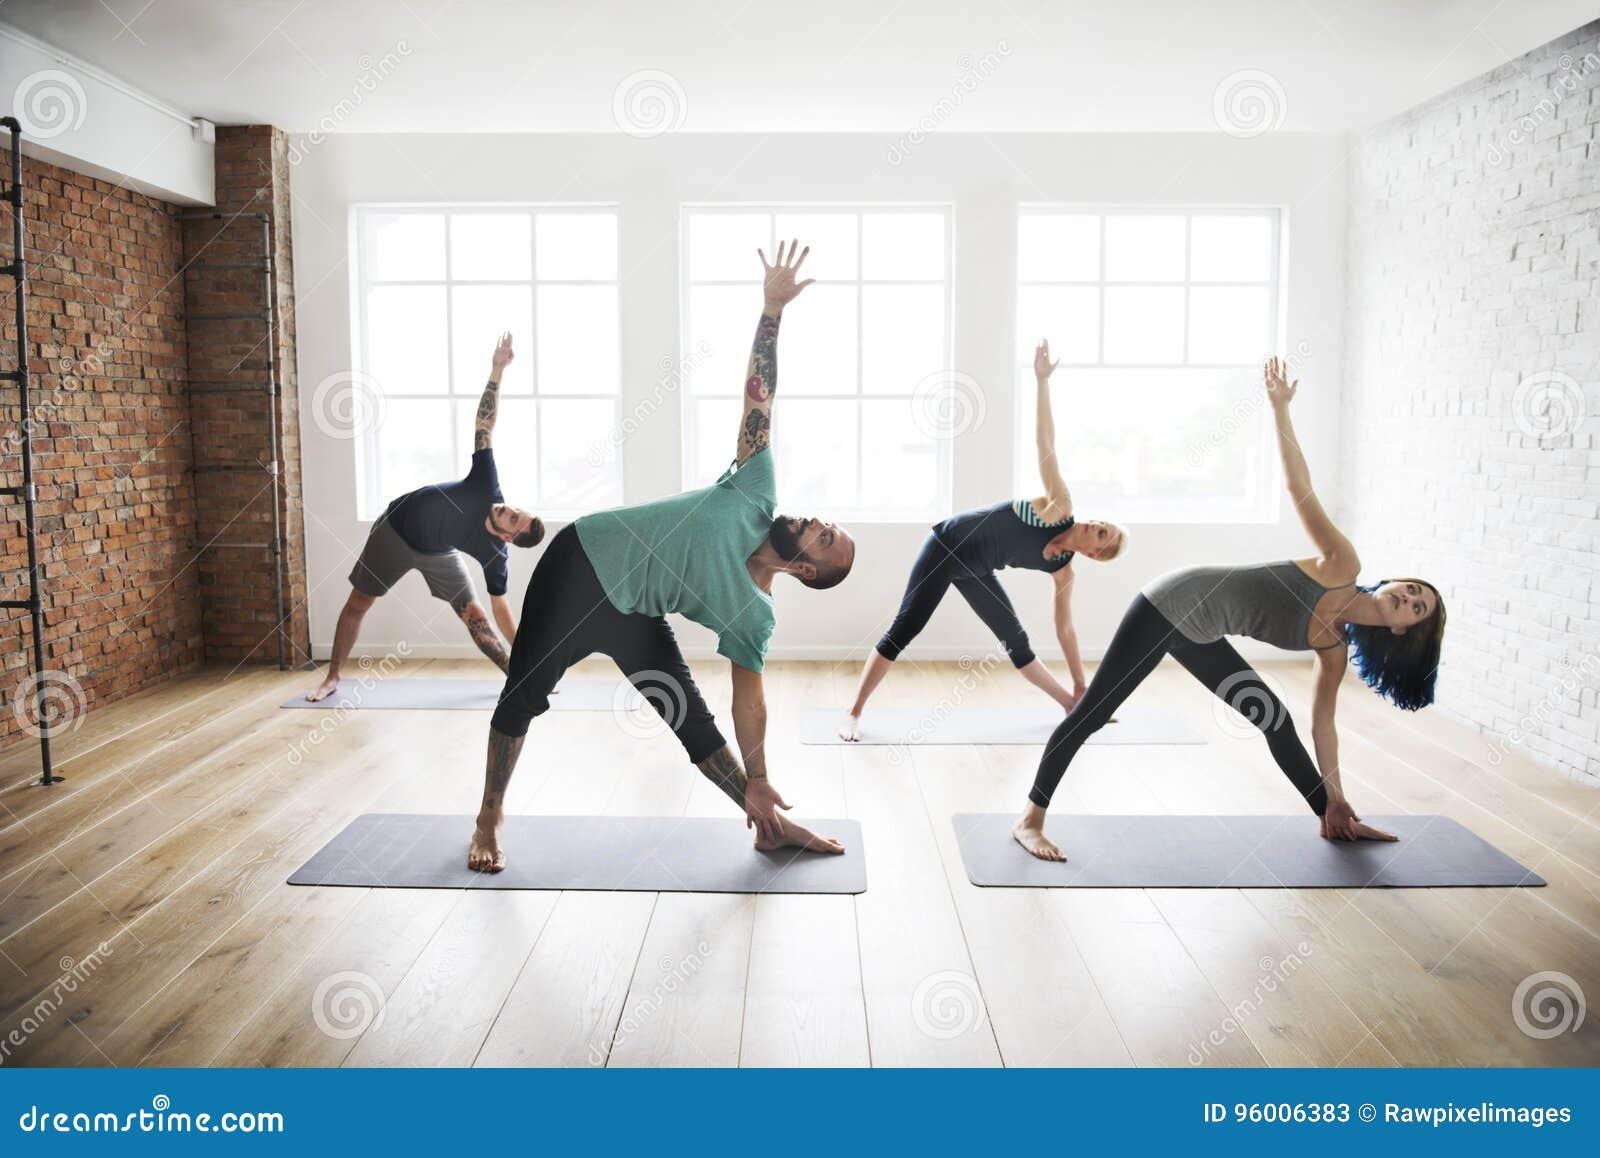 Begrepp för hälsa för grupp för yogaövningsövning